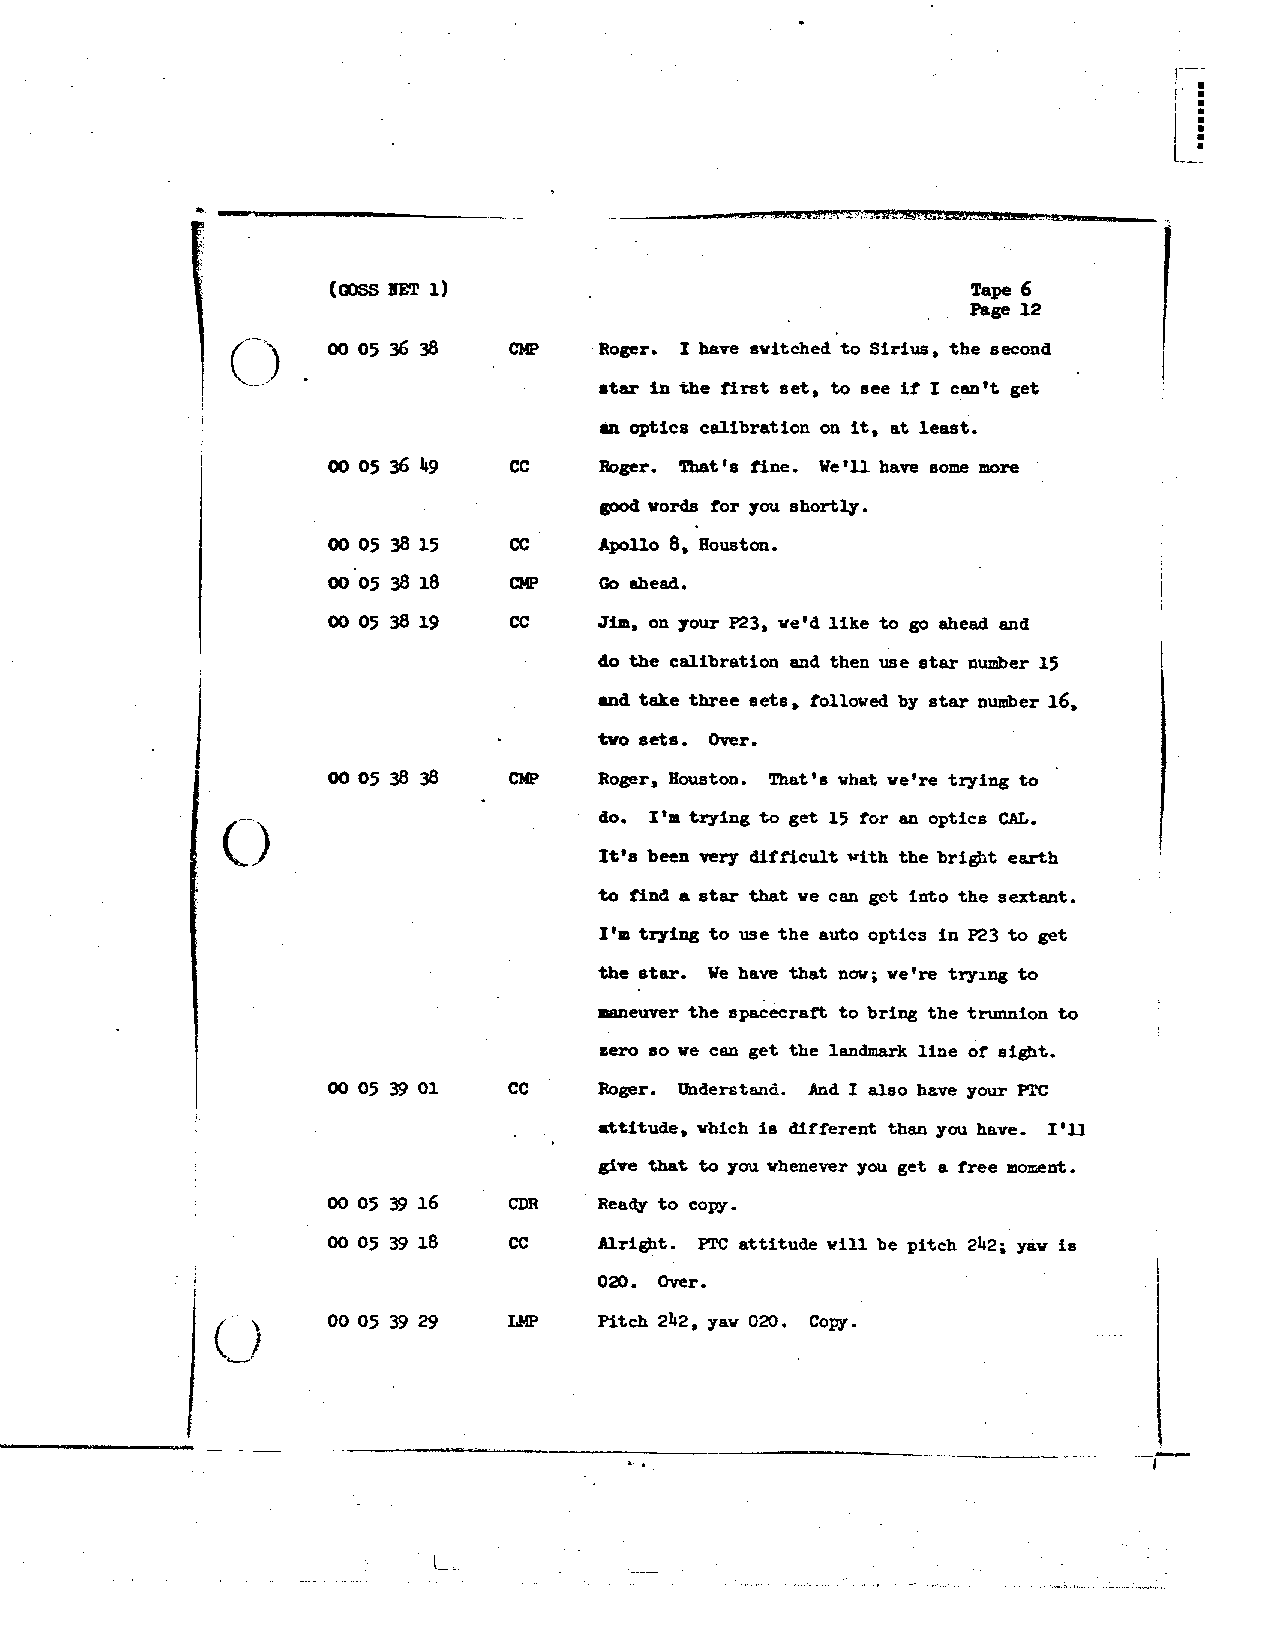 Page 58 of Apollo 8's original transcript